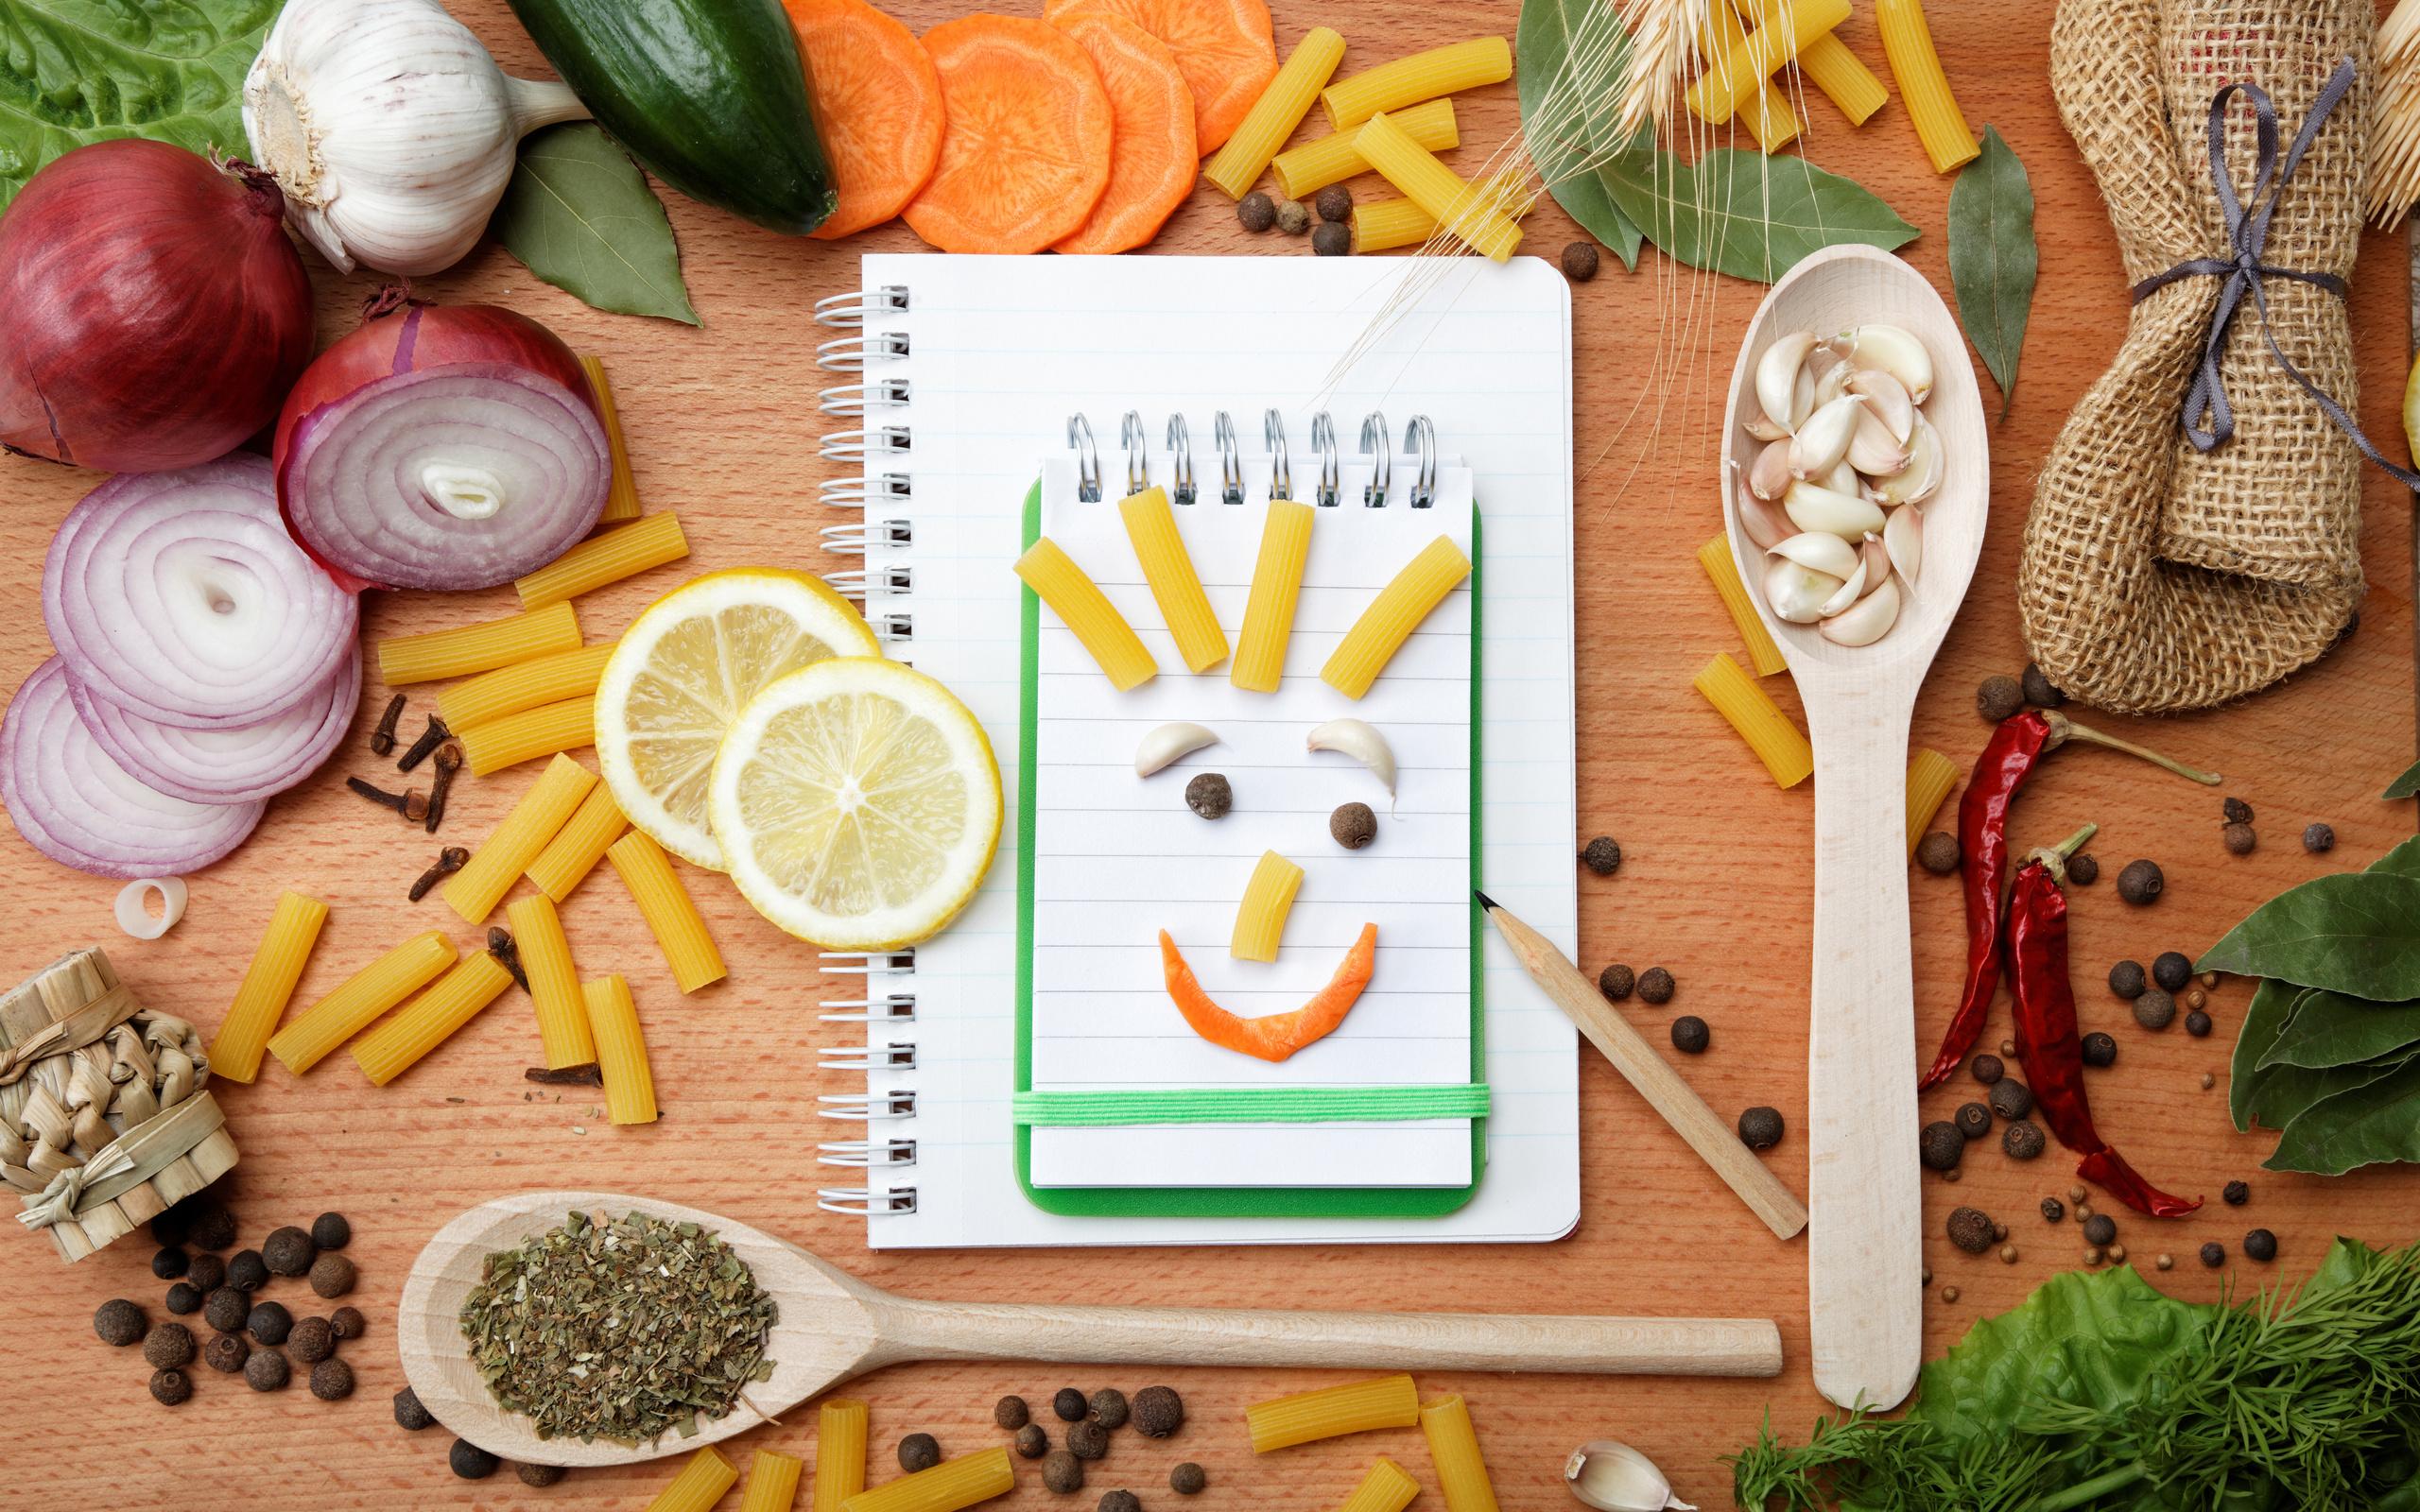 красивые картинки кулинарии для рекламы шарапова очень